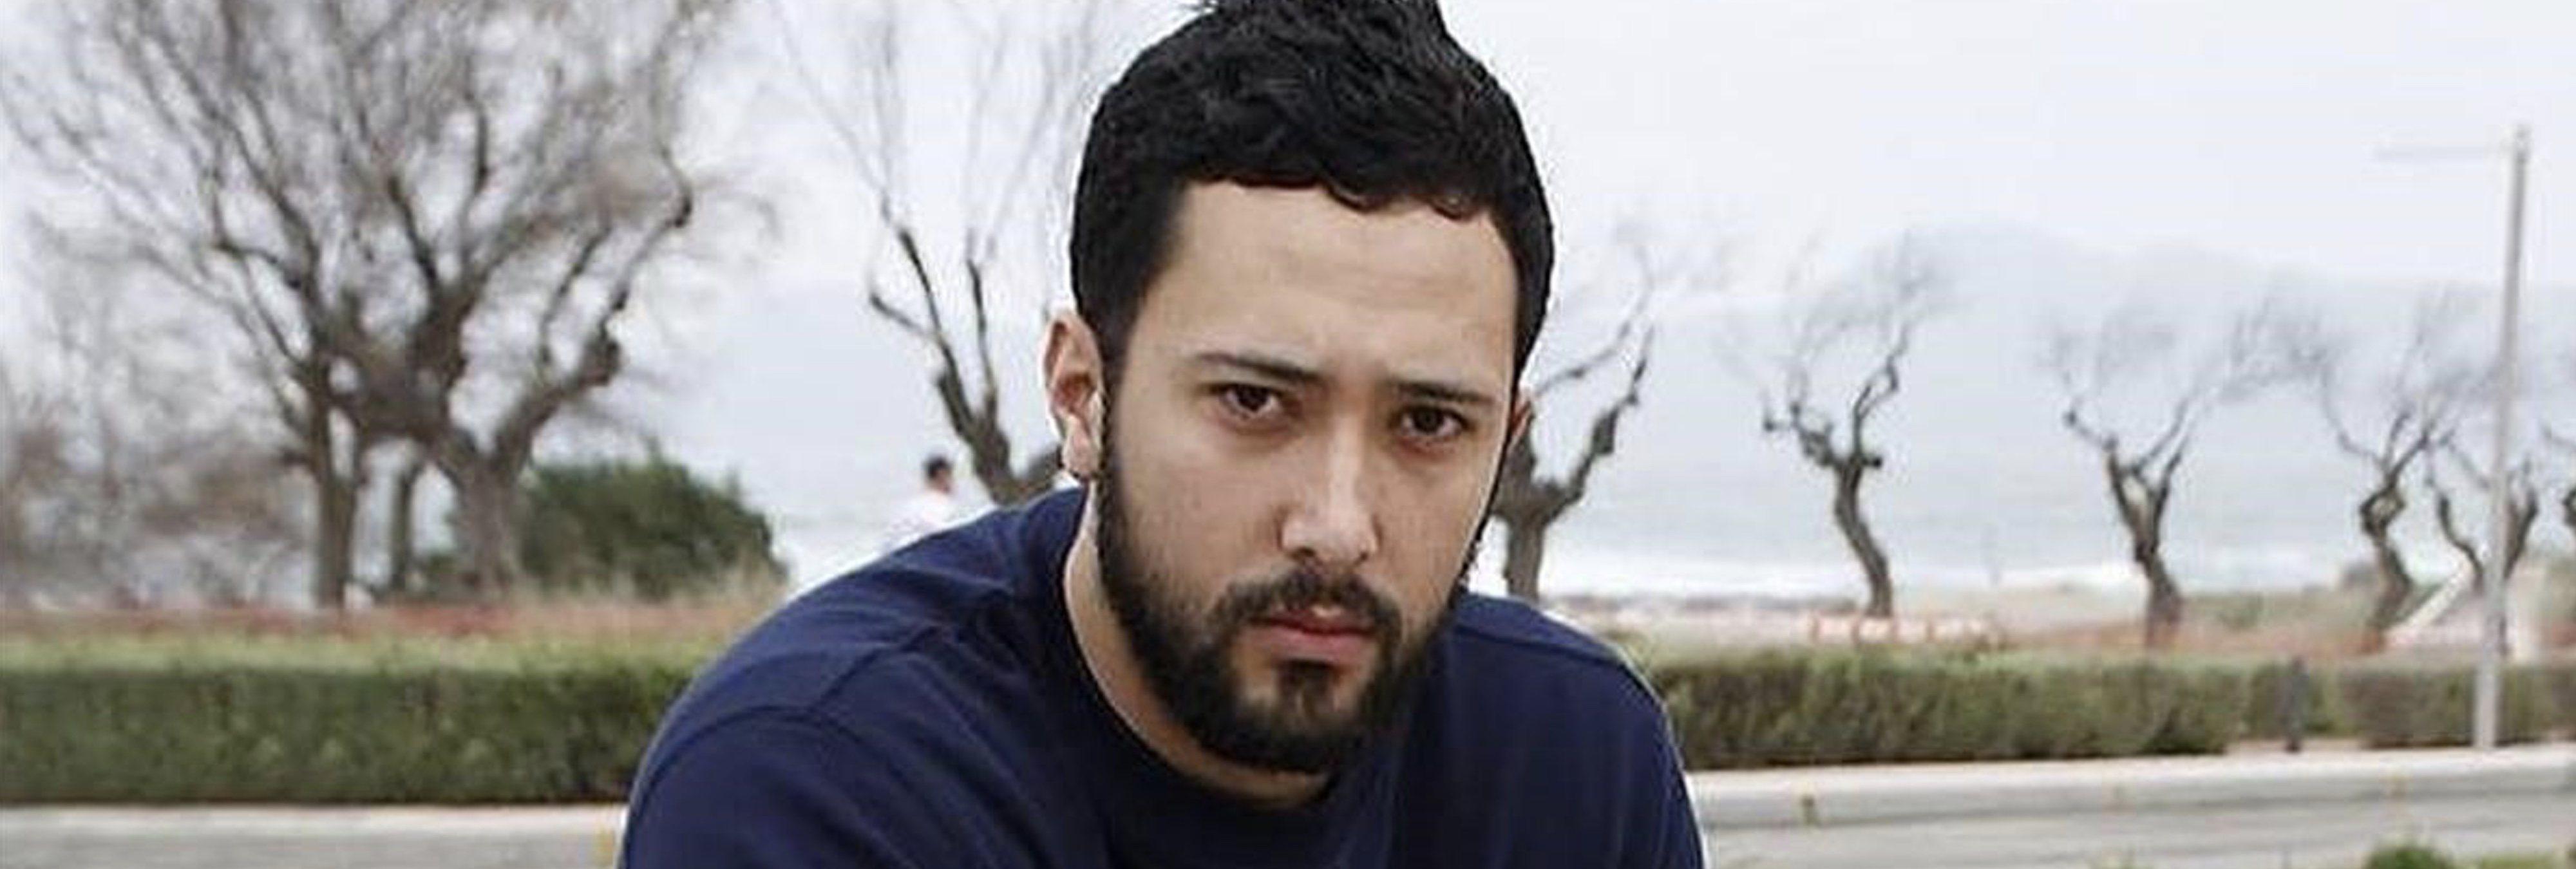 El rapero Valtonyc huye de España para evitar la cárcel